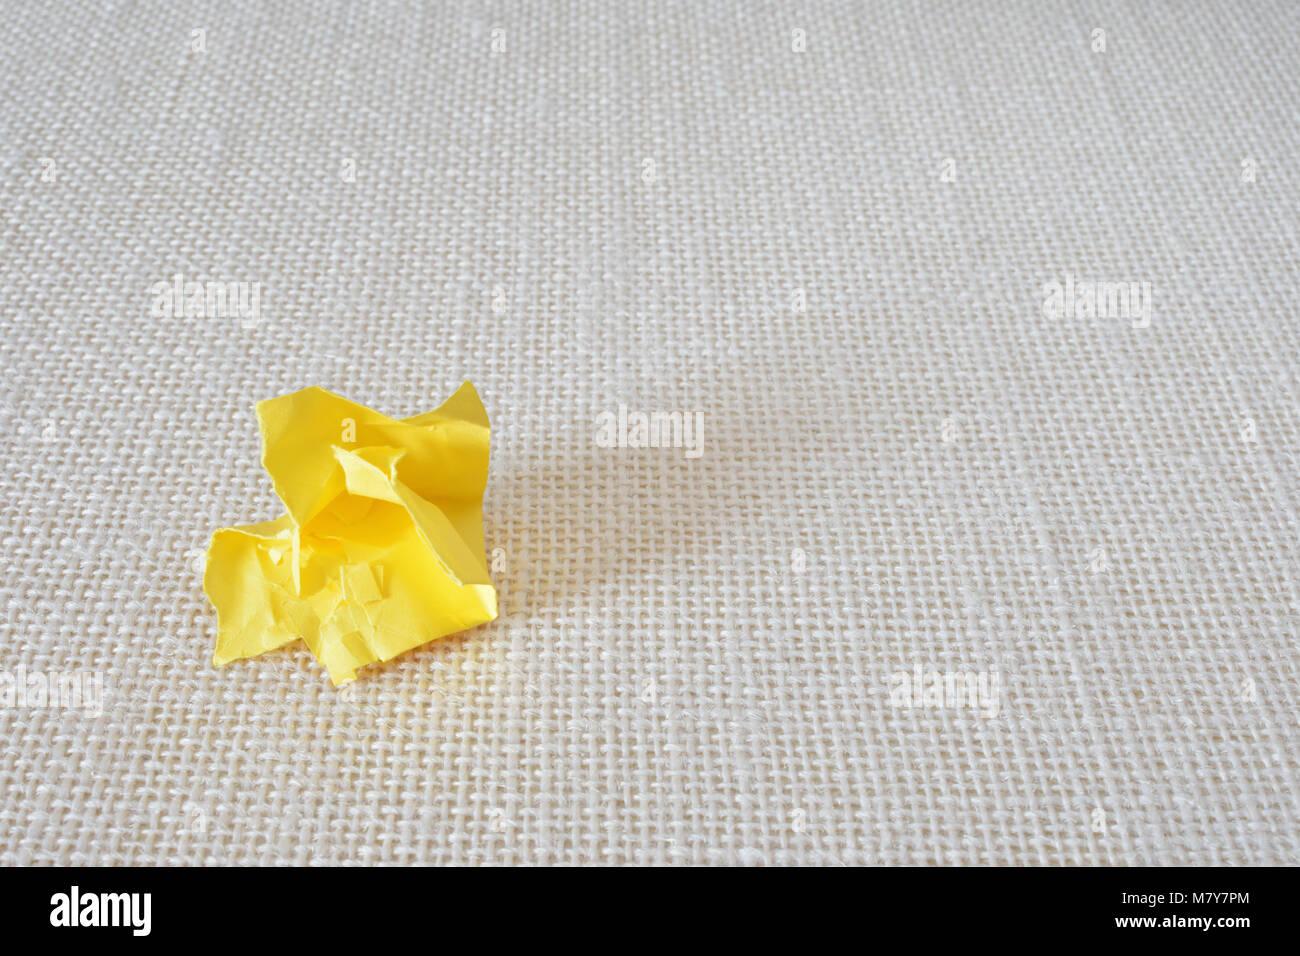 Petit papier froissé jaune blanchâtre sur tissu toile Photo Stock